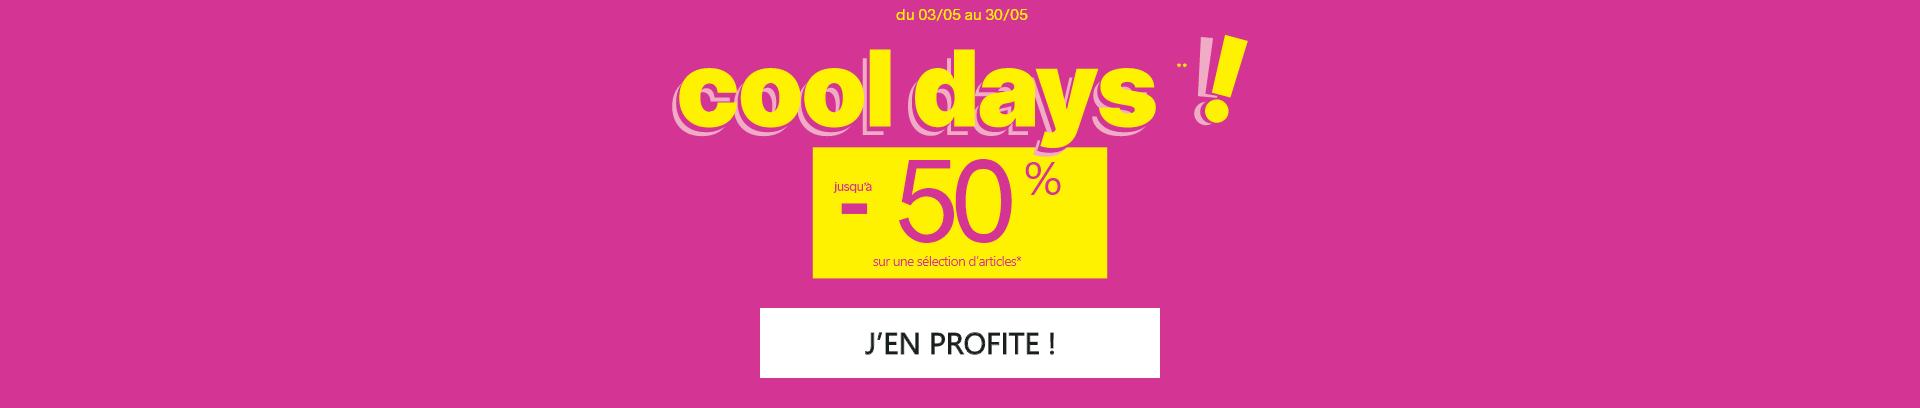 Cooldays - Jusqu'à - 50% sur une sélection d'articles - Pimkie